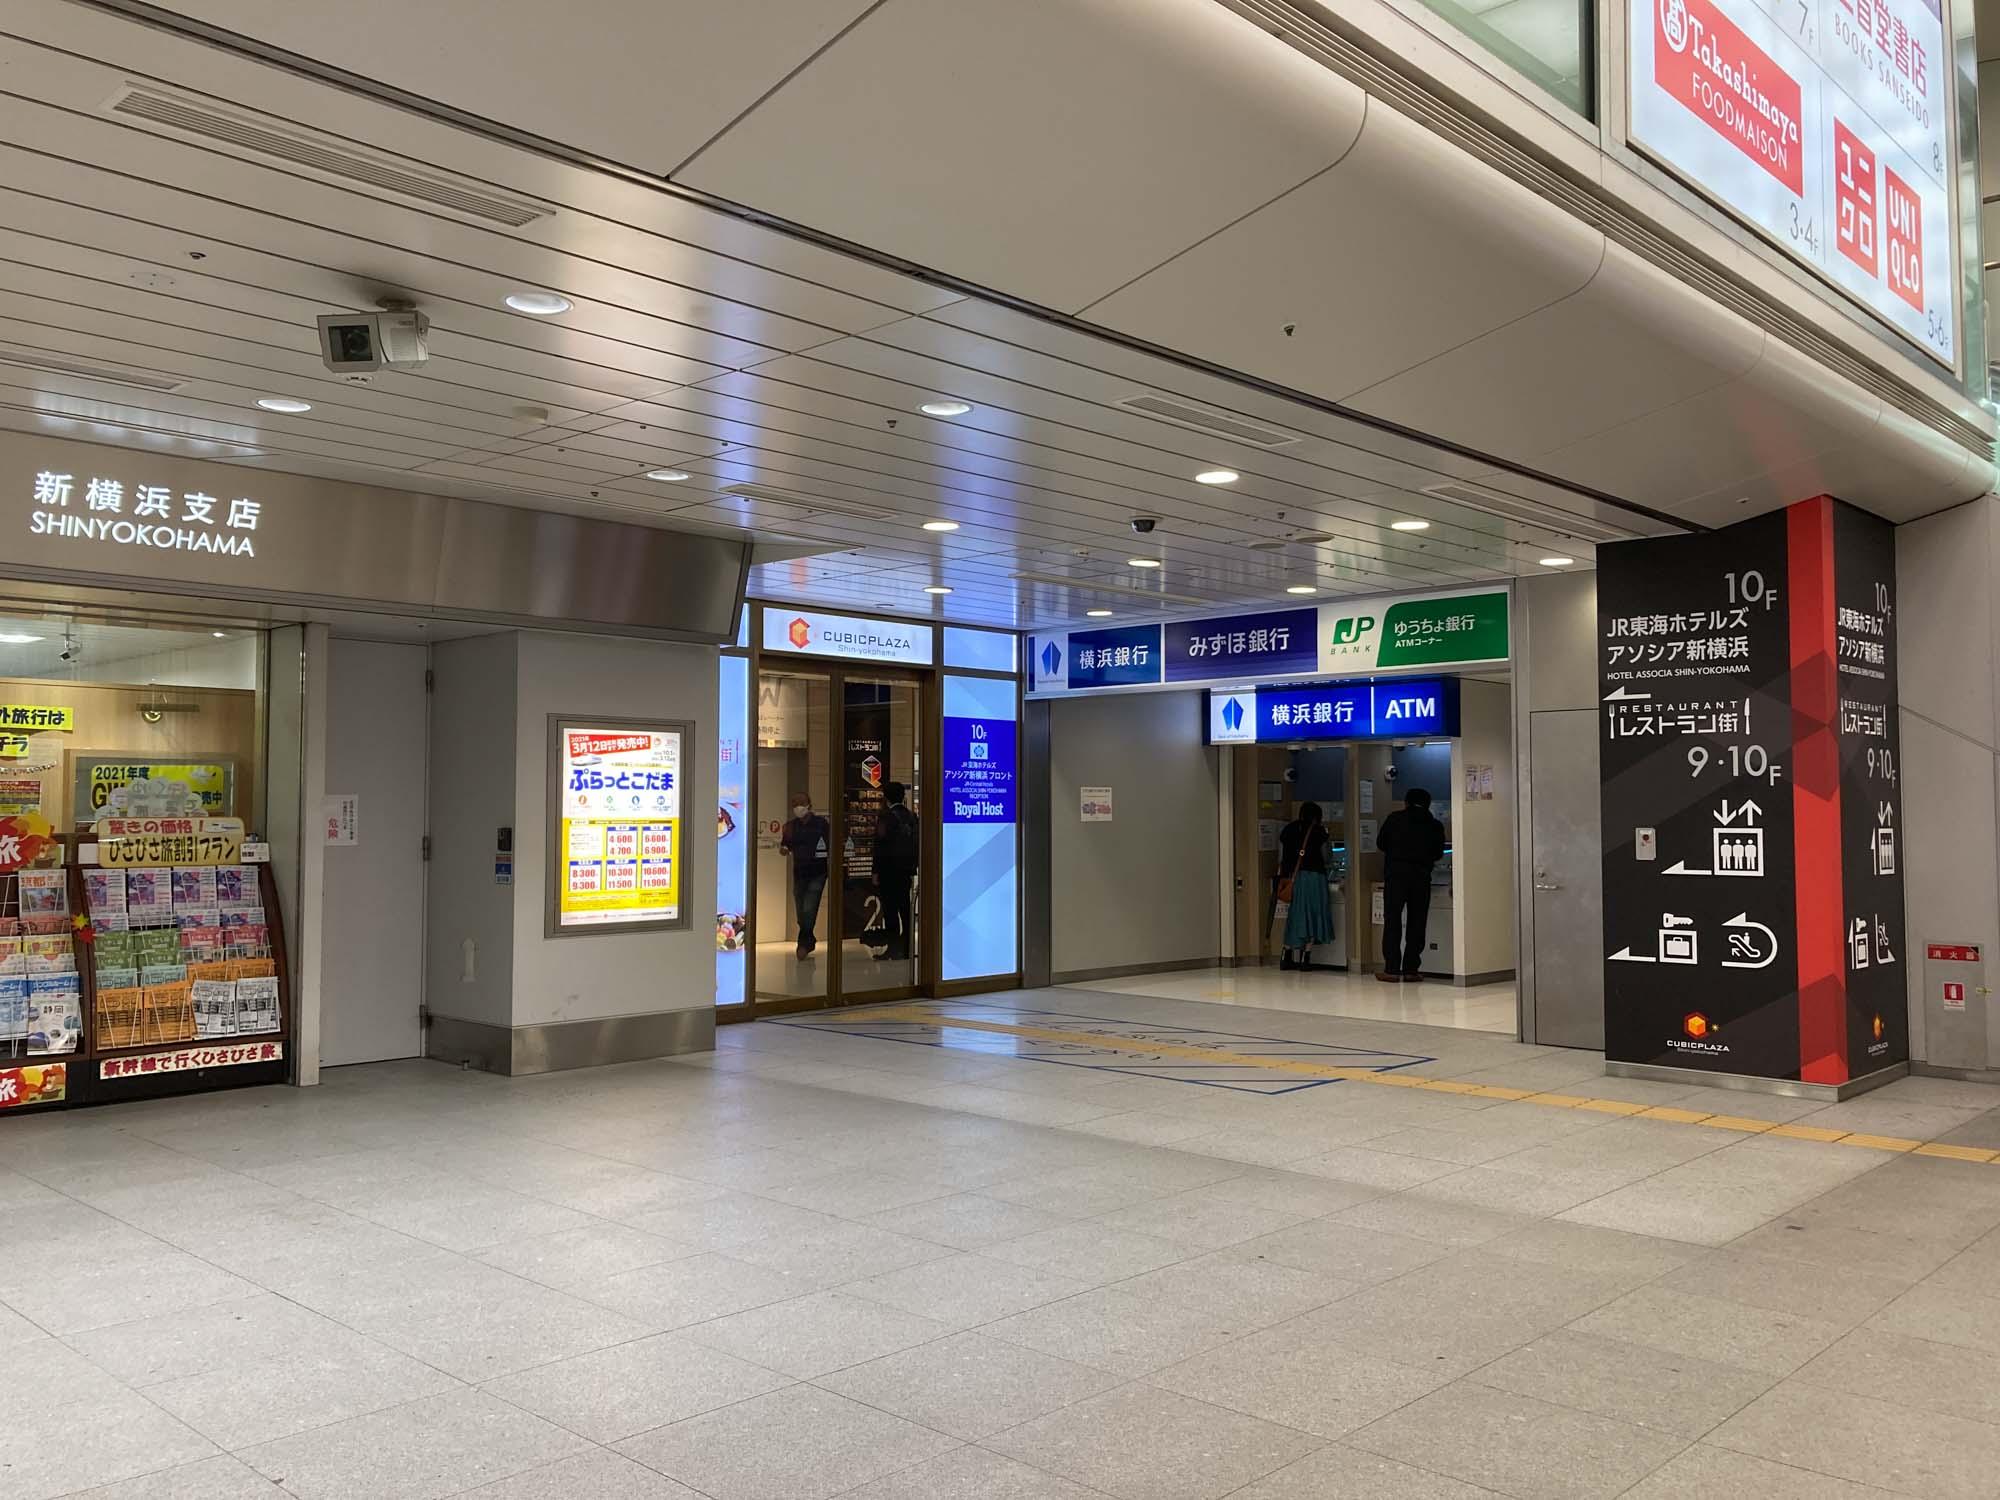 この新幹線改札フロアから、ホテルフロントまでは直通のエレベーターがあり、全く雨に濡れることなく部屋まで到着できてしまいます。